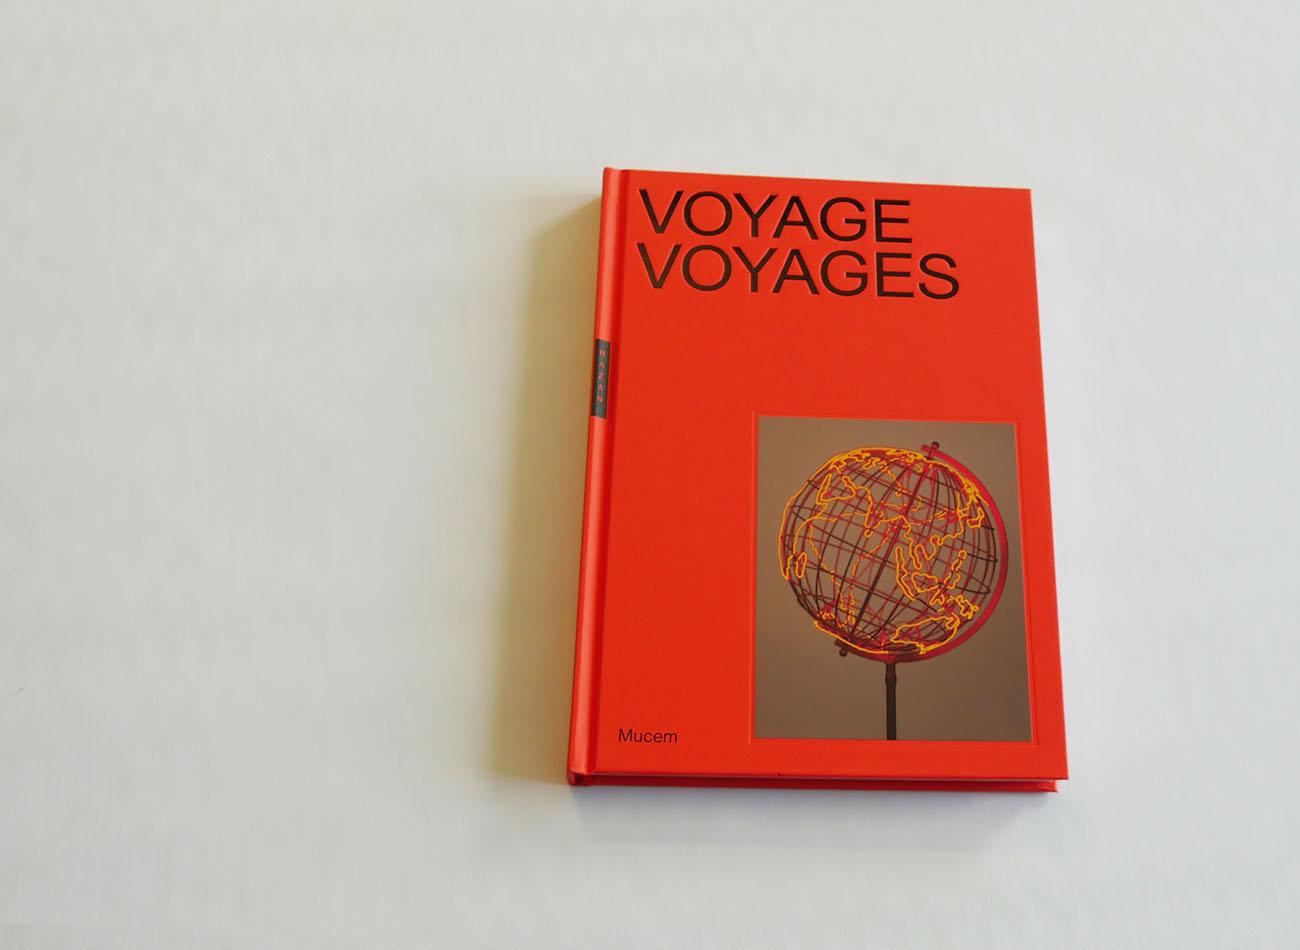 Voyage voyages, couverture catalogue